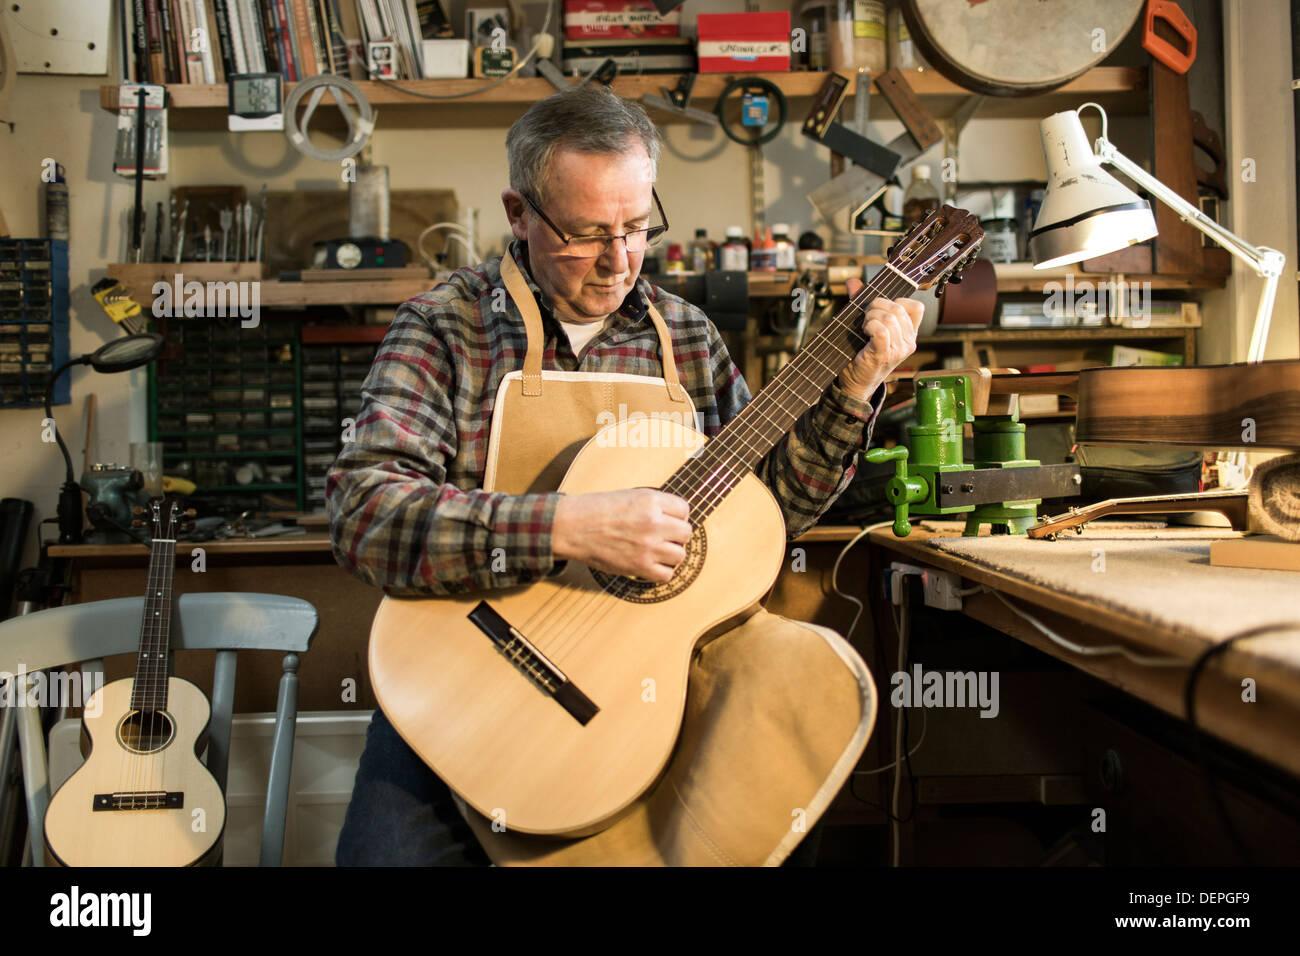 Guitarra maker la optimización y las pruebas de guitarra acústica en taller Imagen De Stock